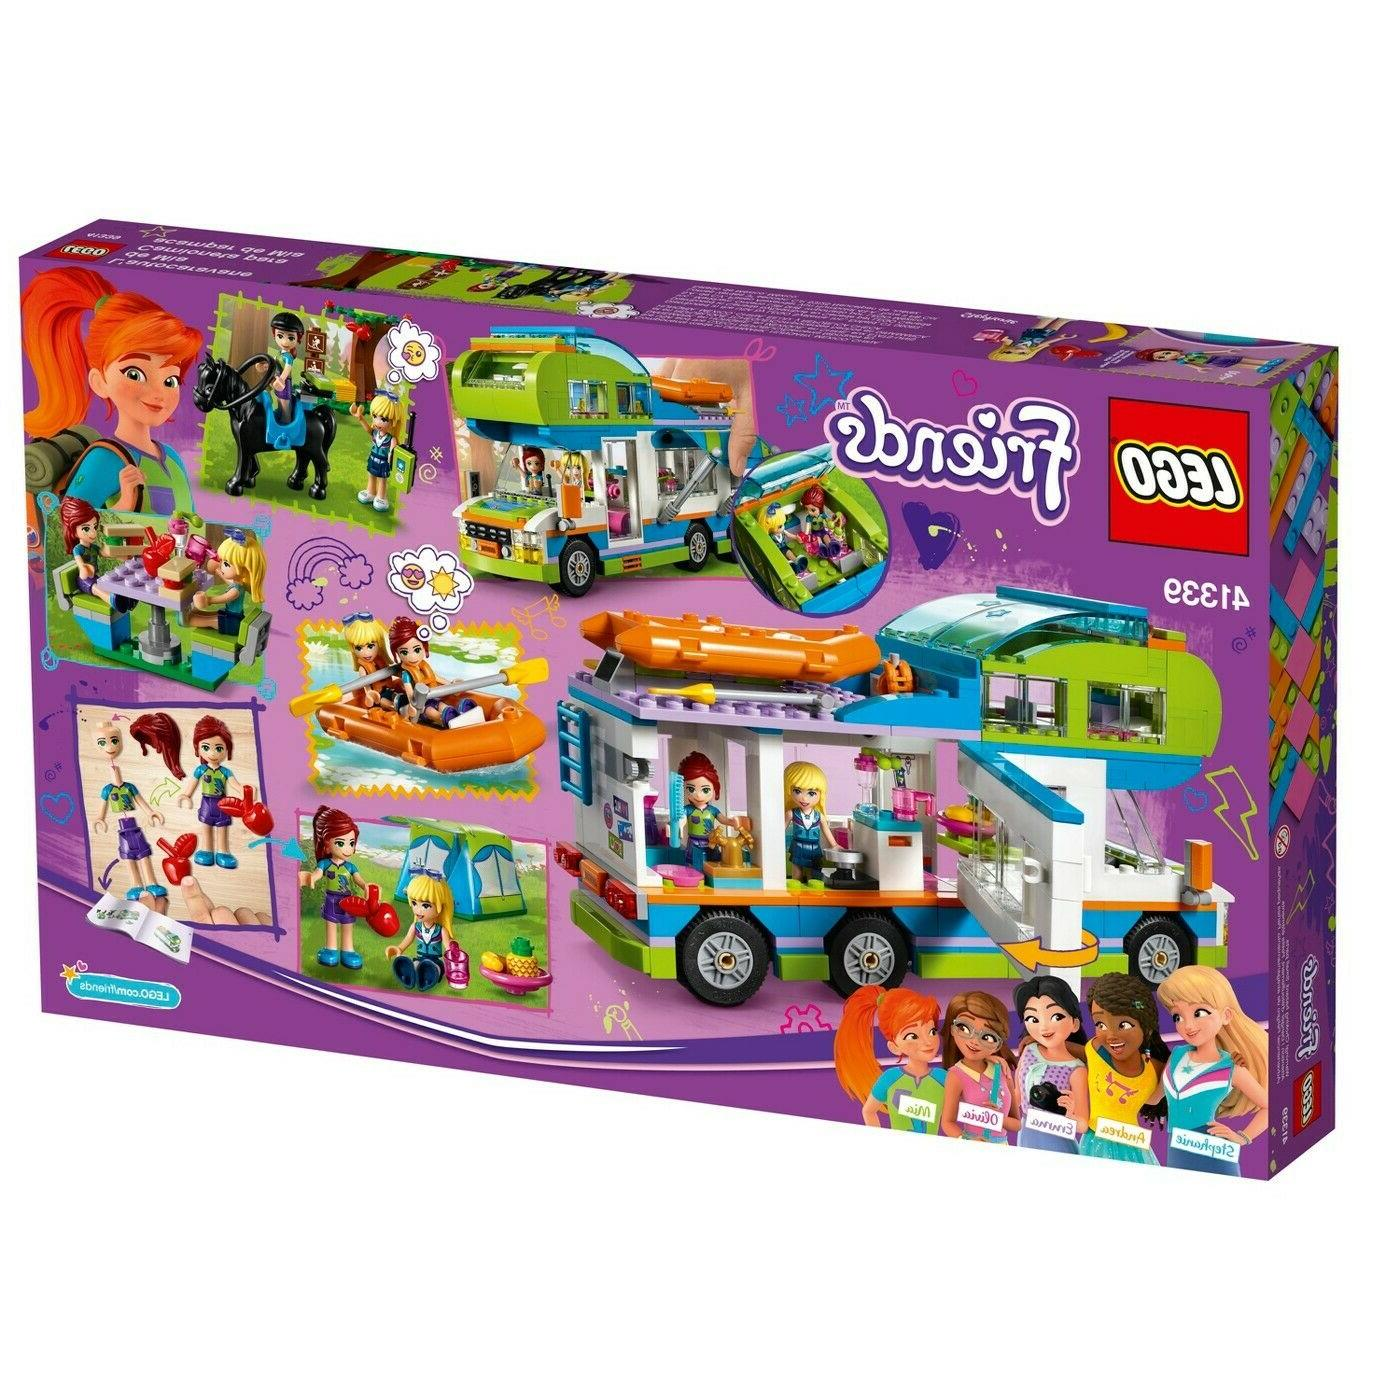 LEGO Friends Mias Motorhome Camper Van 41339 Toy